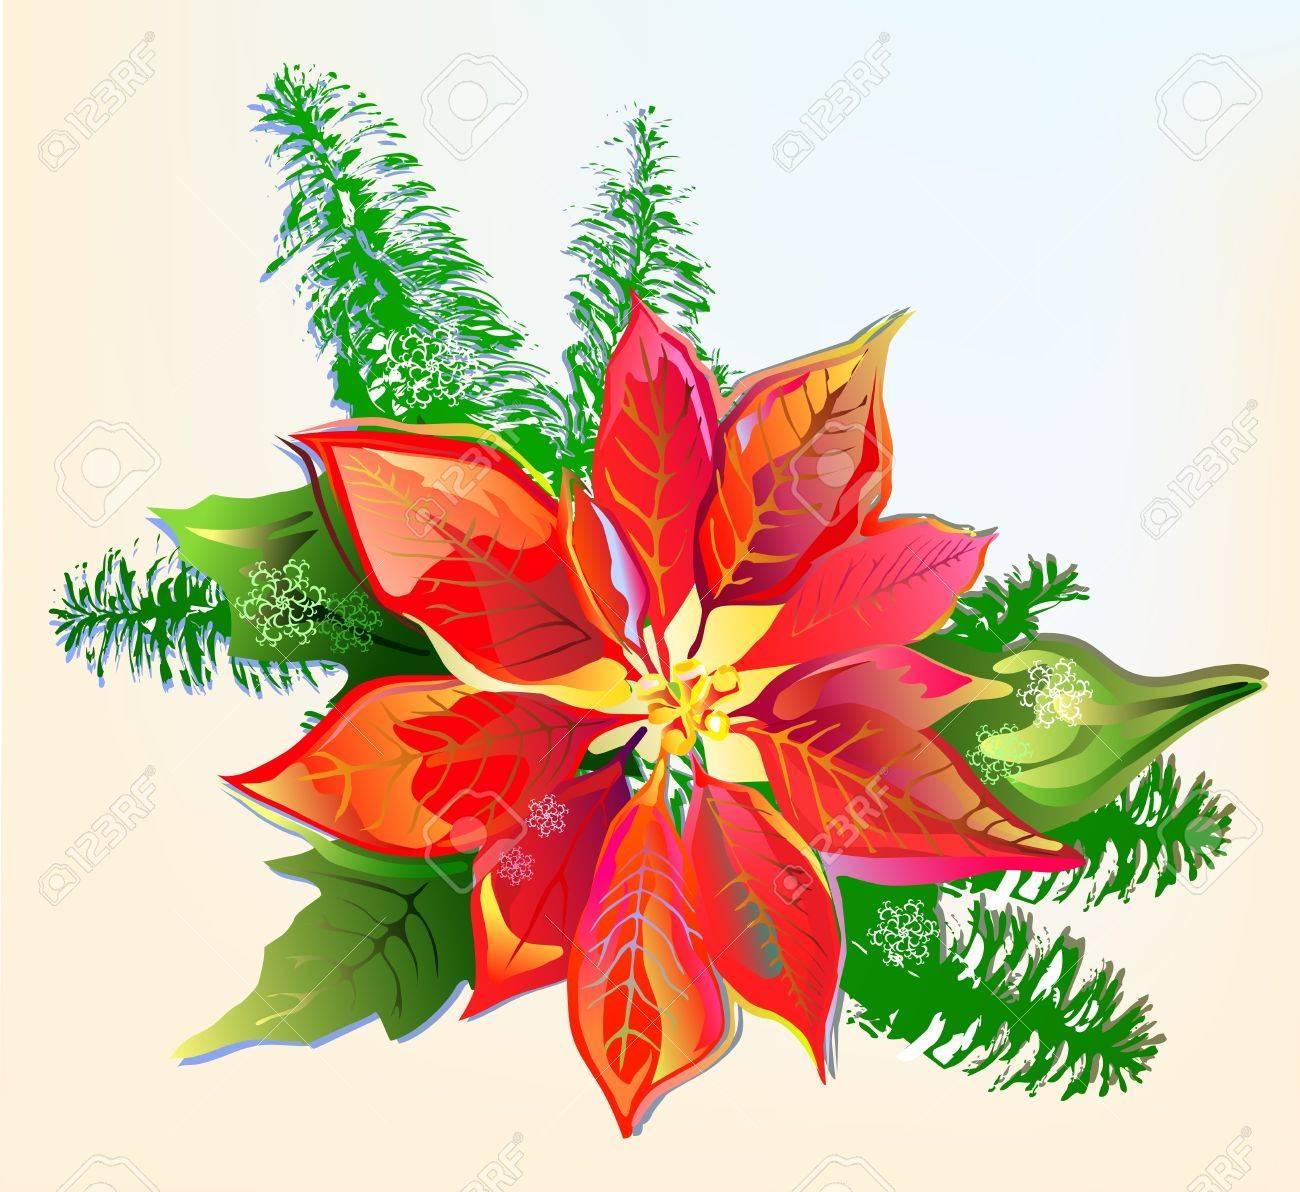 Christmas Poinsettia Stock Vector - 11357664